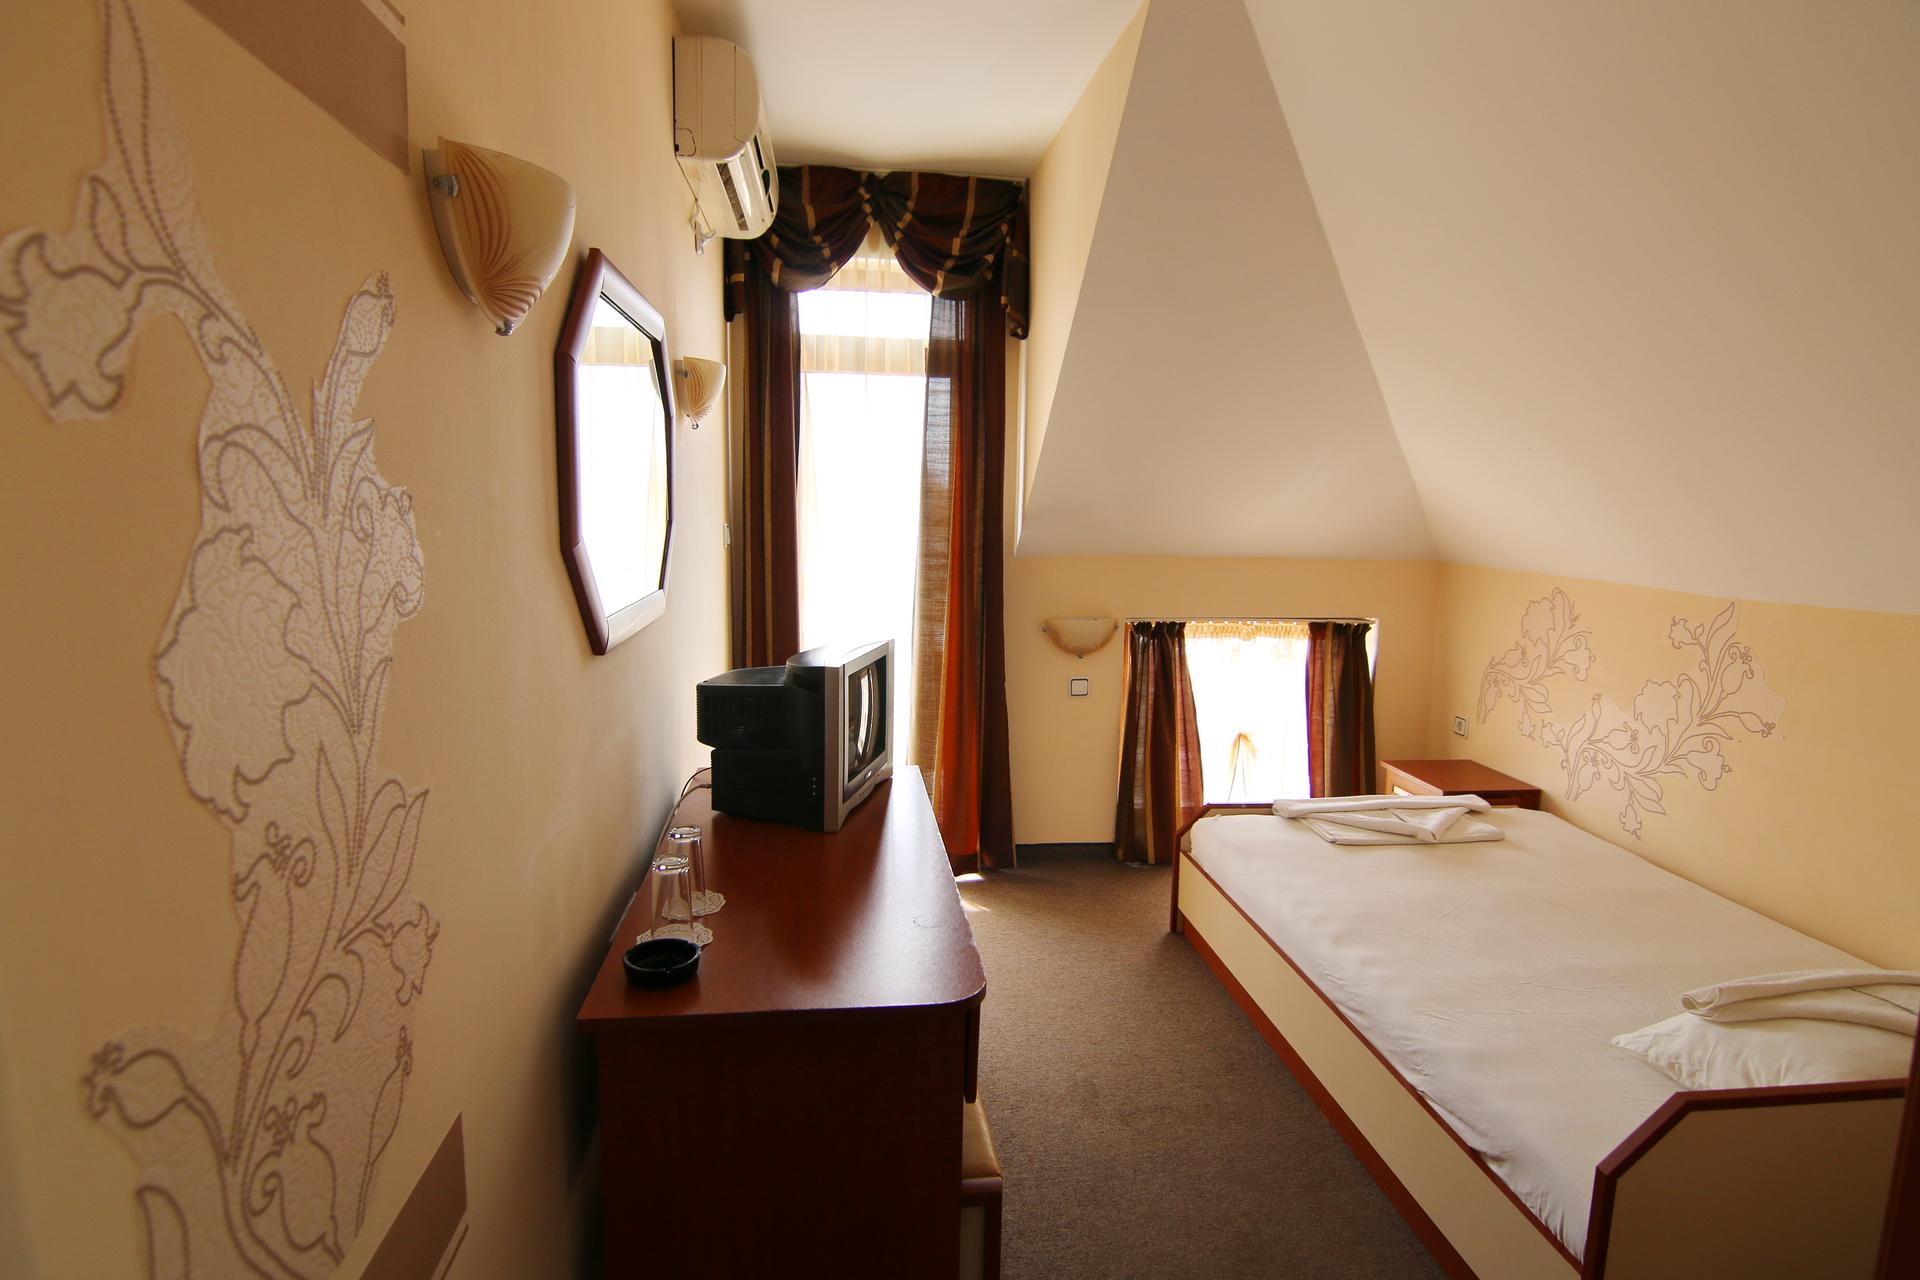 Hotel Vermona room for 1